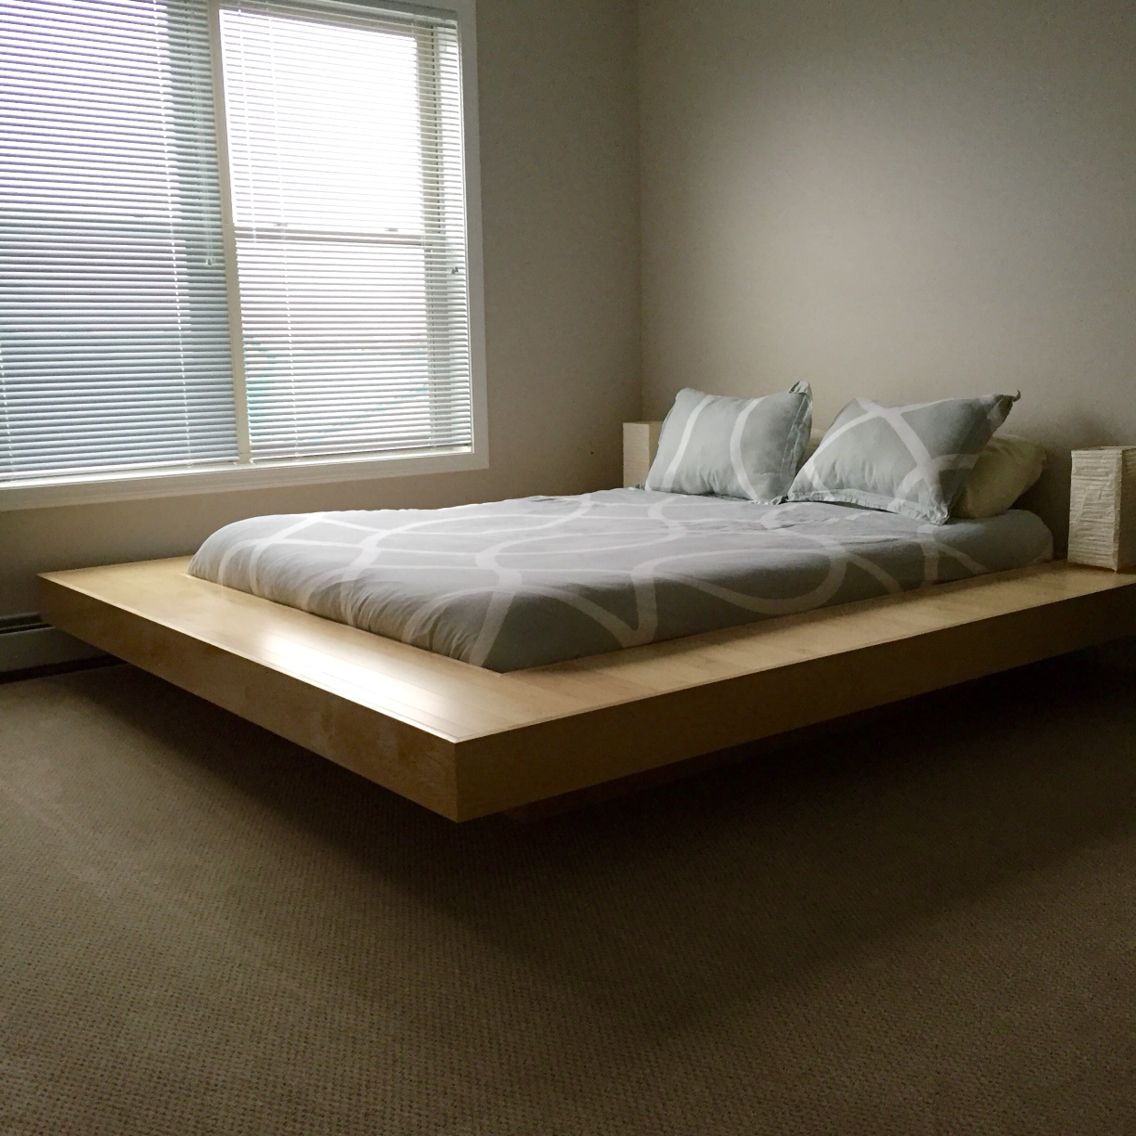 Maple Wood Floating Platform Bed Frame Diy Floating Maple